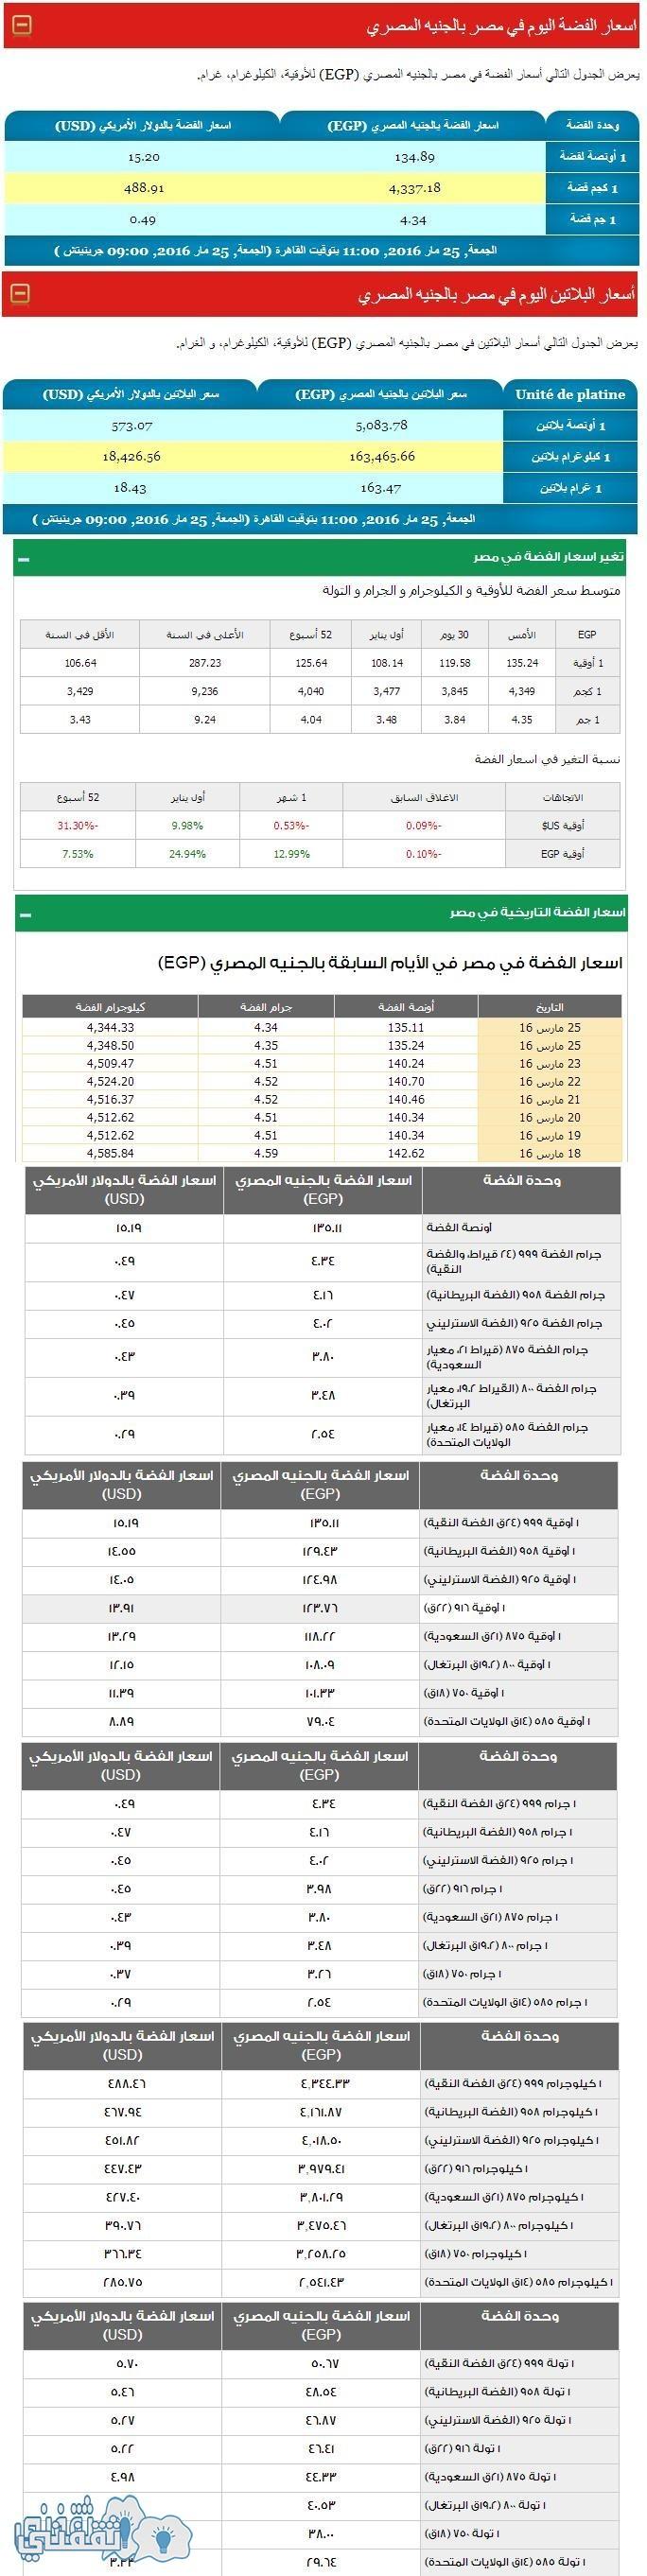 أسعار الفضة والبلاتين فى مصر بالجنيه المصري